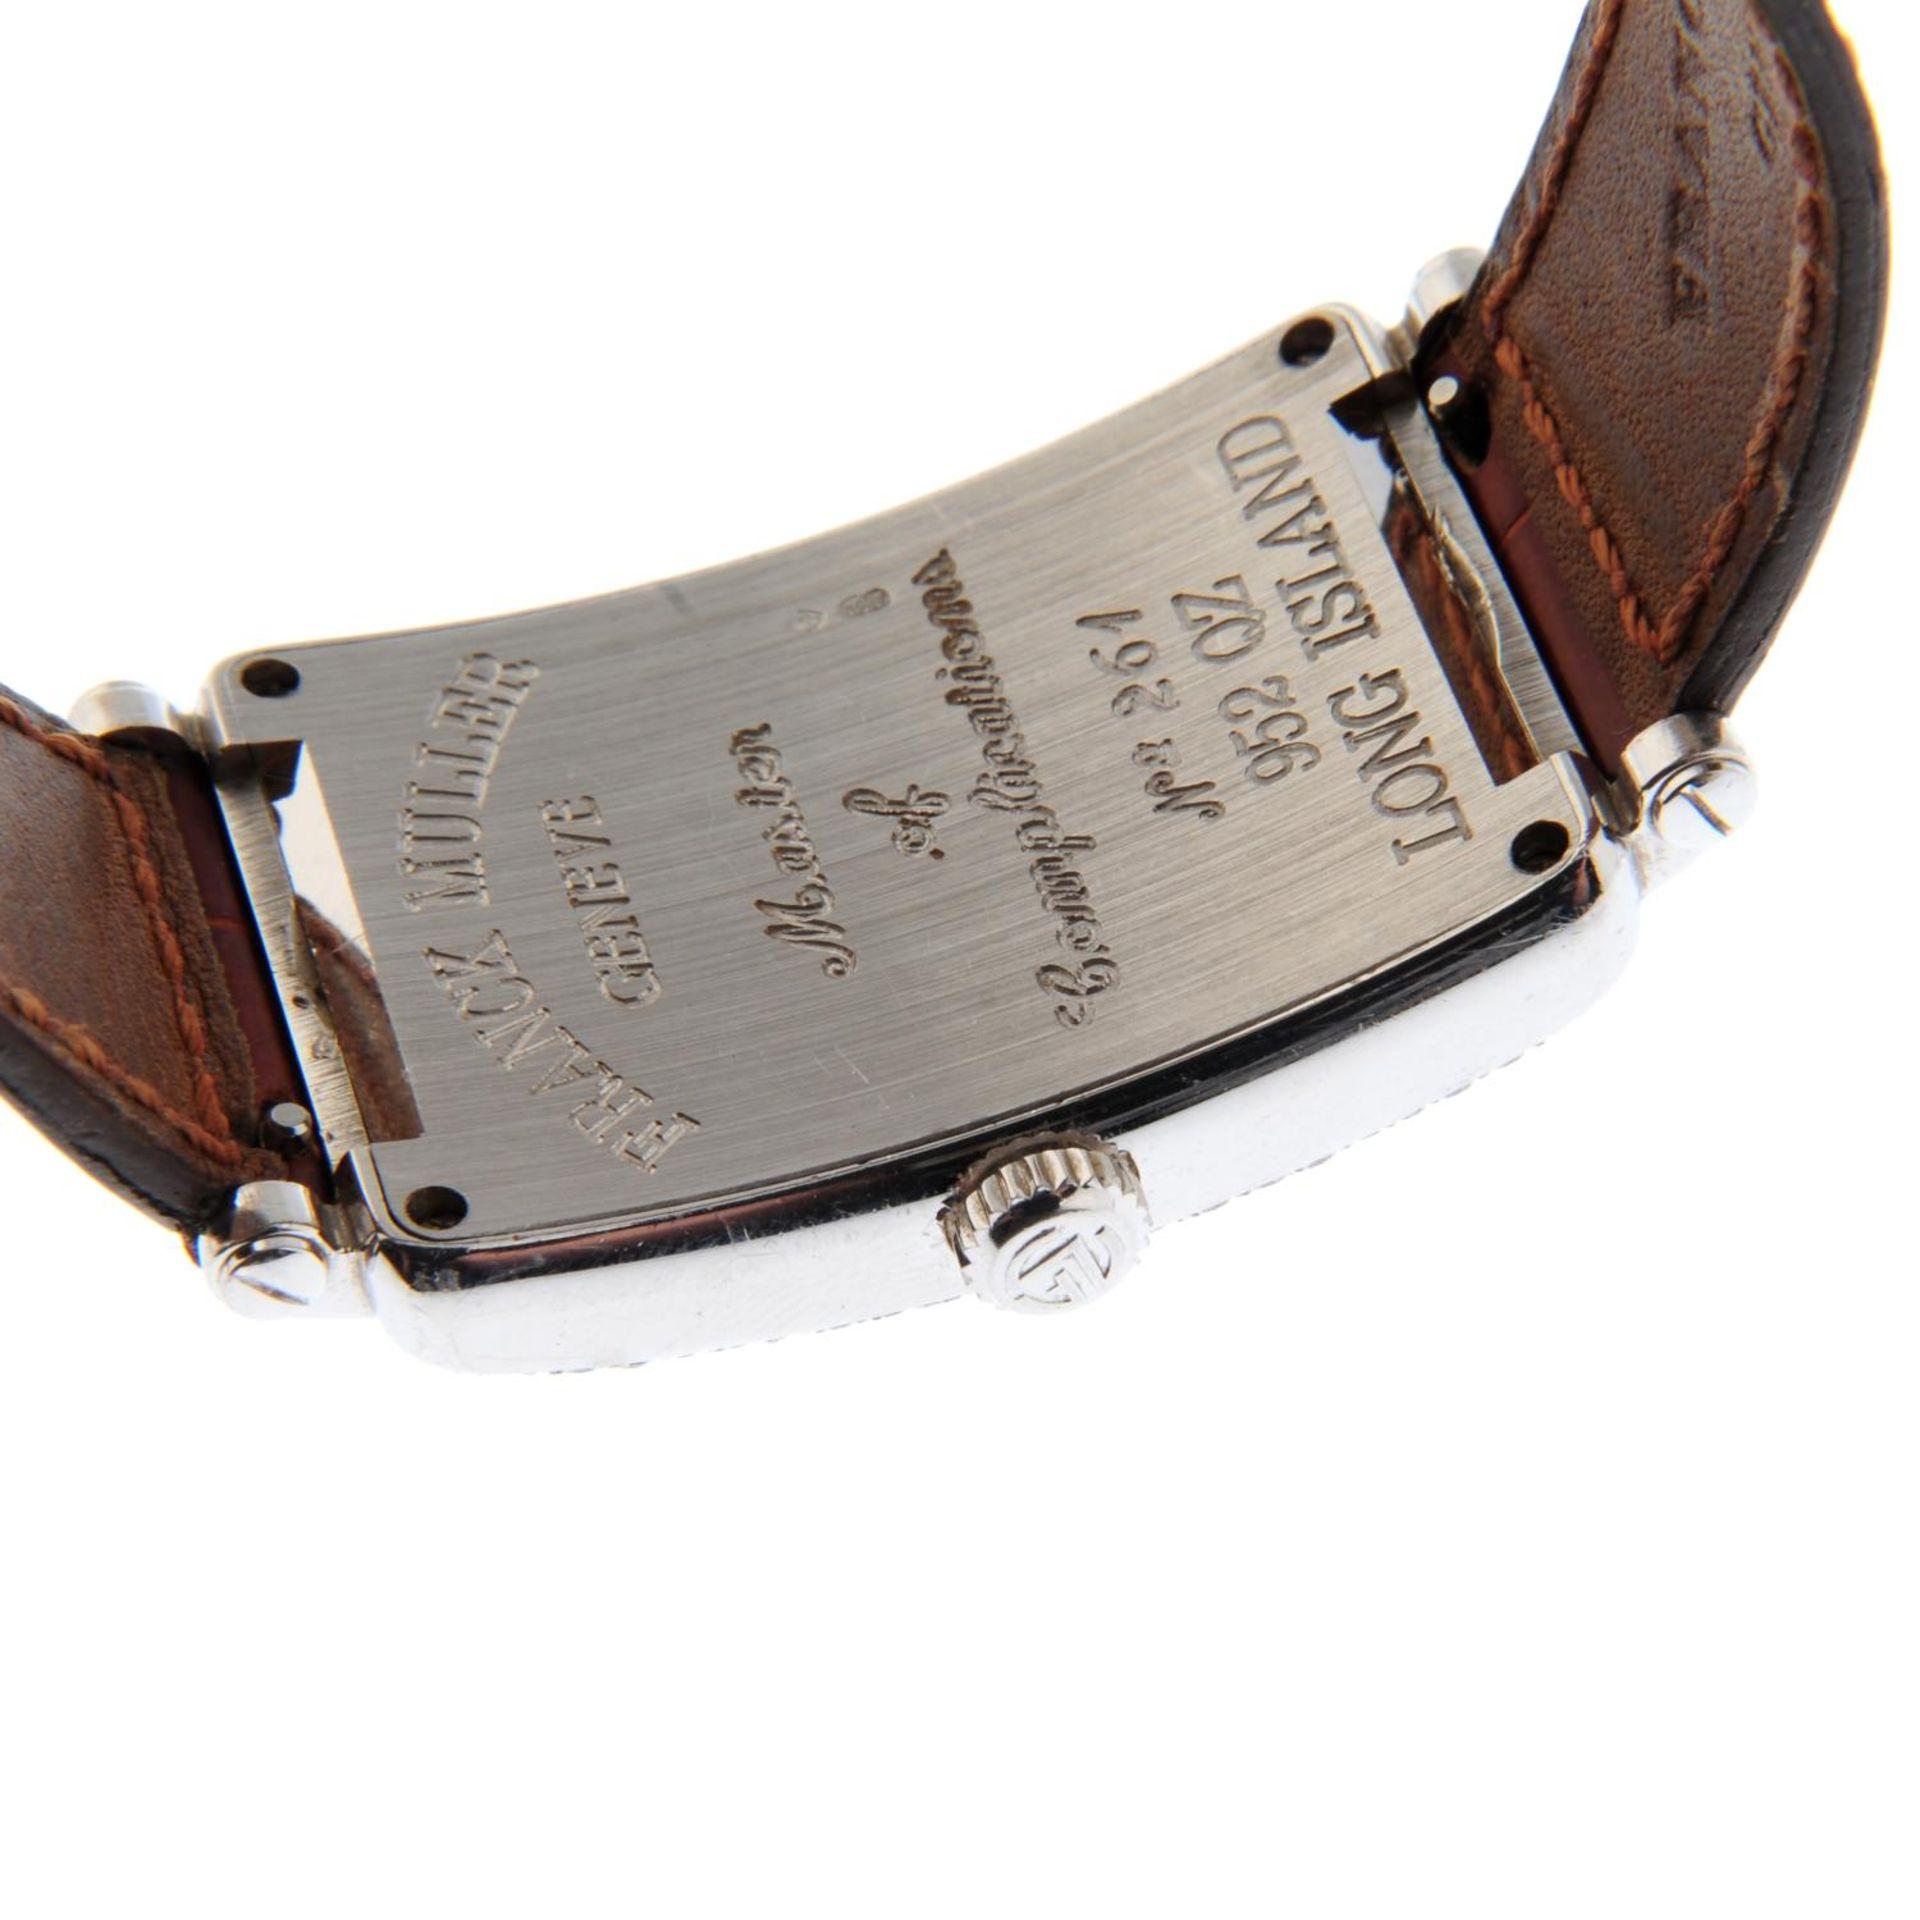 FRANCK MULLER - a long Island wrist watch. - Bild 2 aus 5